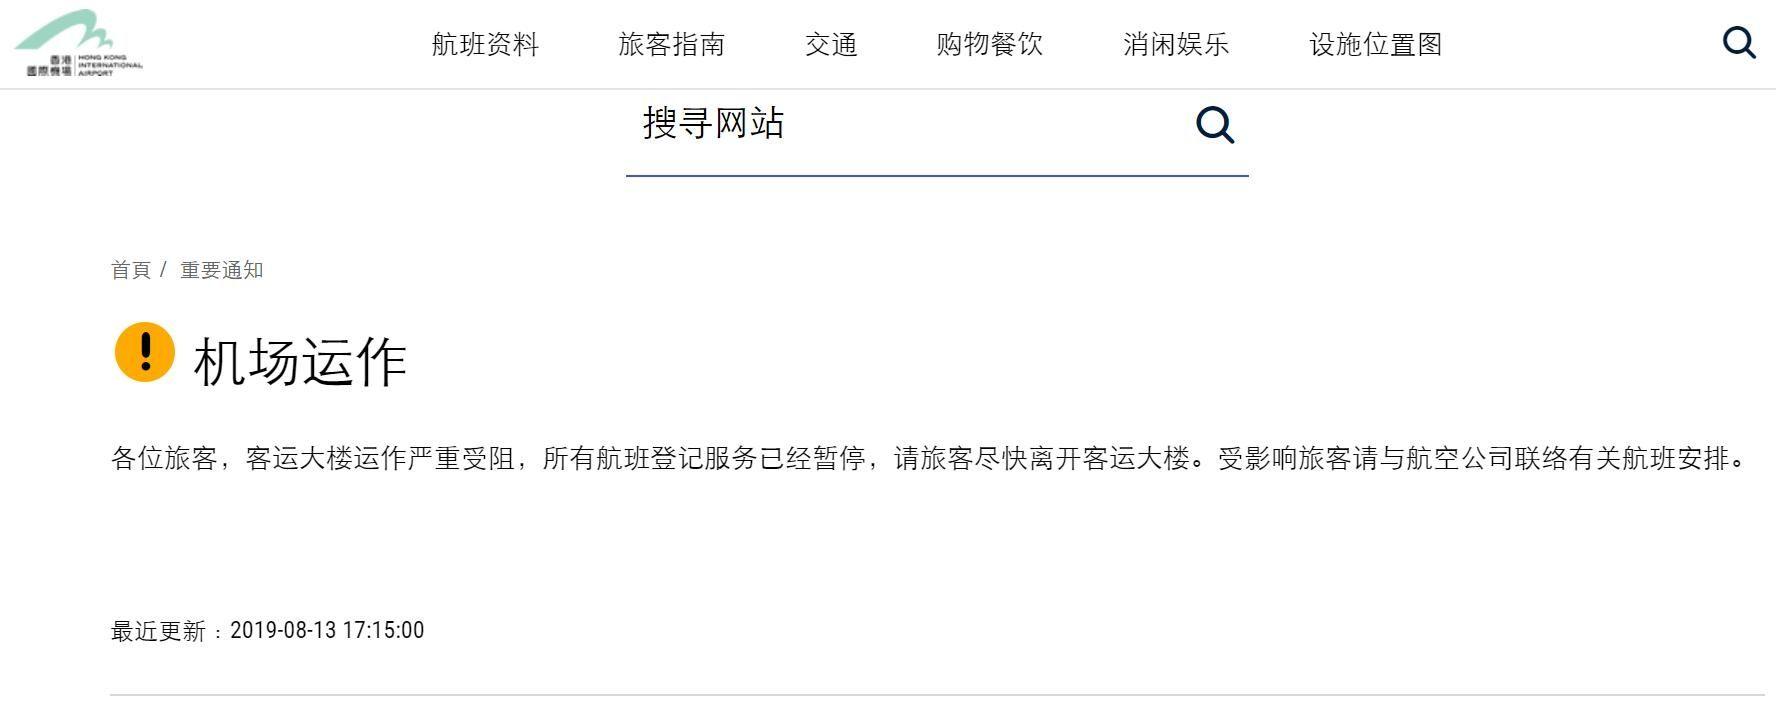 香港机场暂停13日17点之后所有航班登记